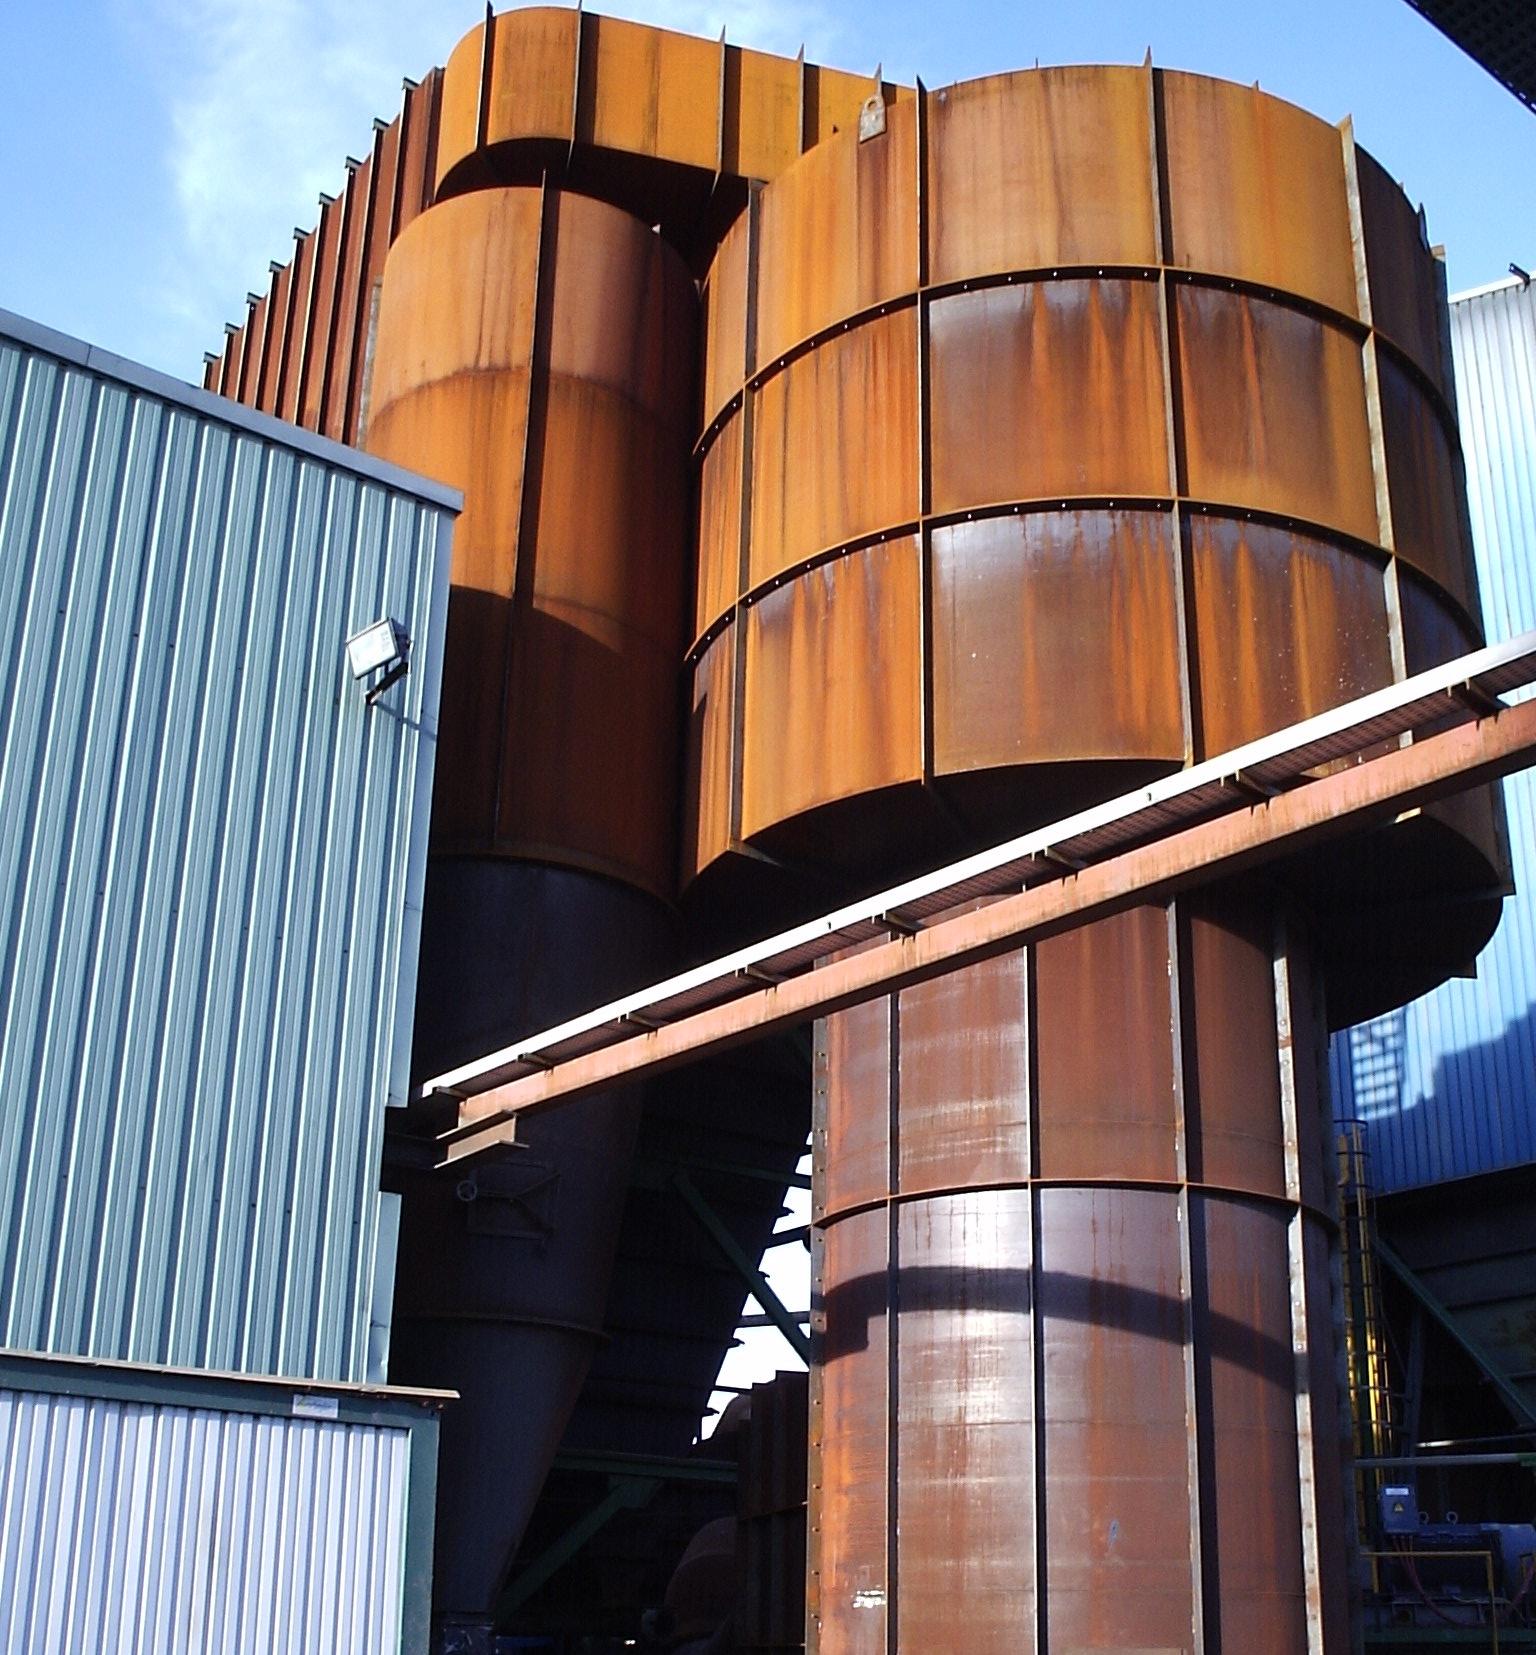 Montaje de radiclones de hornos en Ferroatlántica Sabón